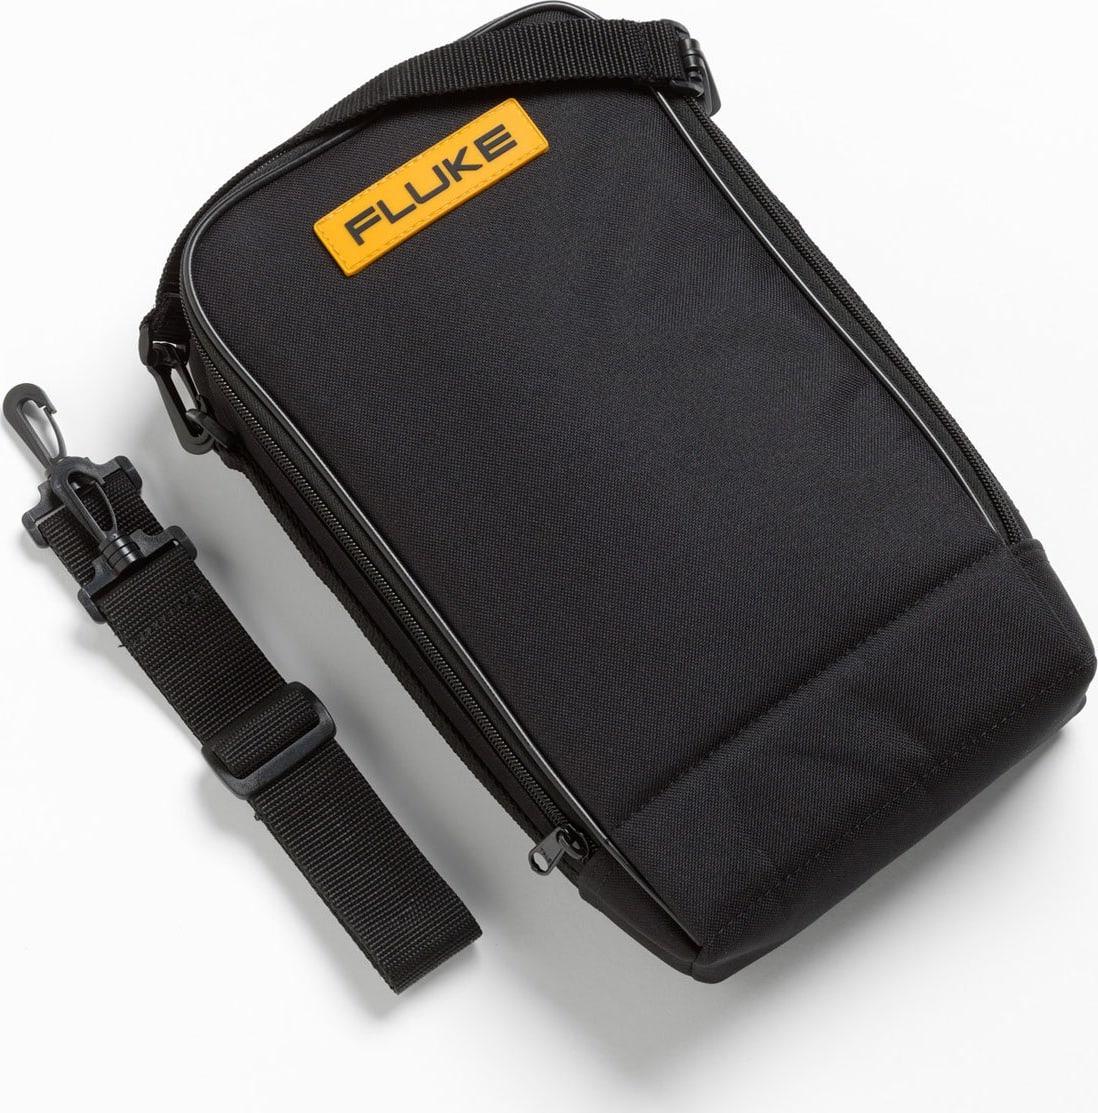 FLUKE C43 - Soft Carrying Case